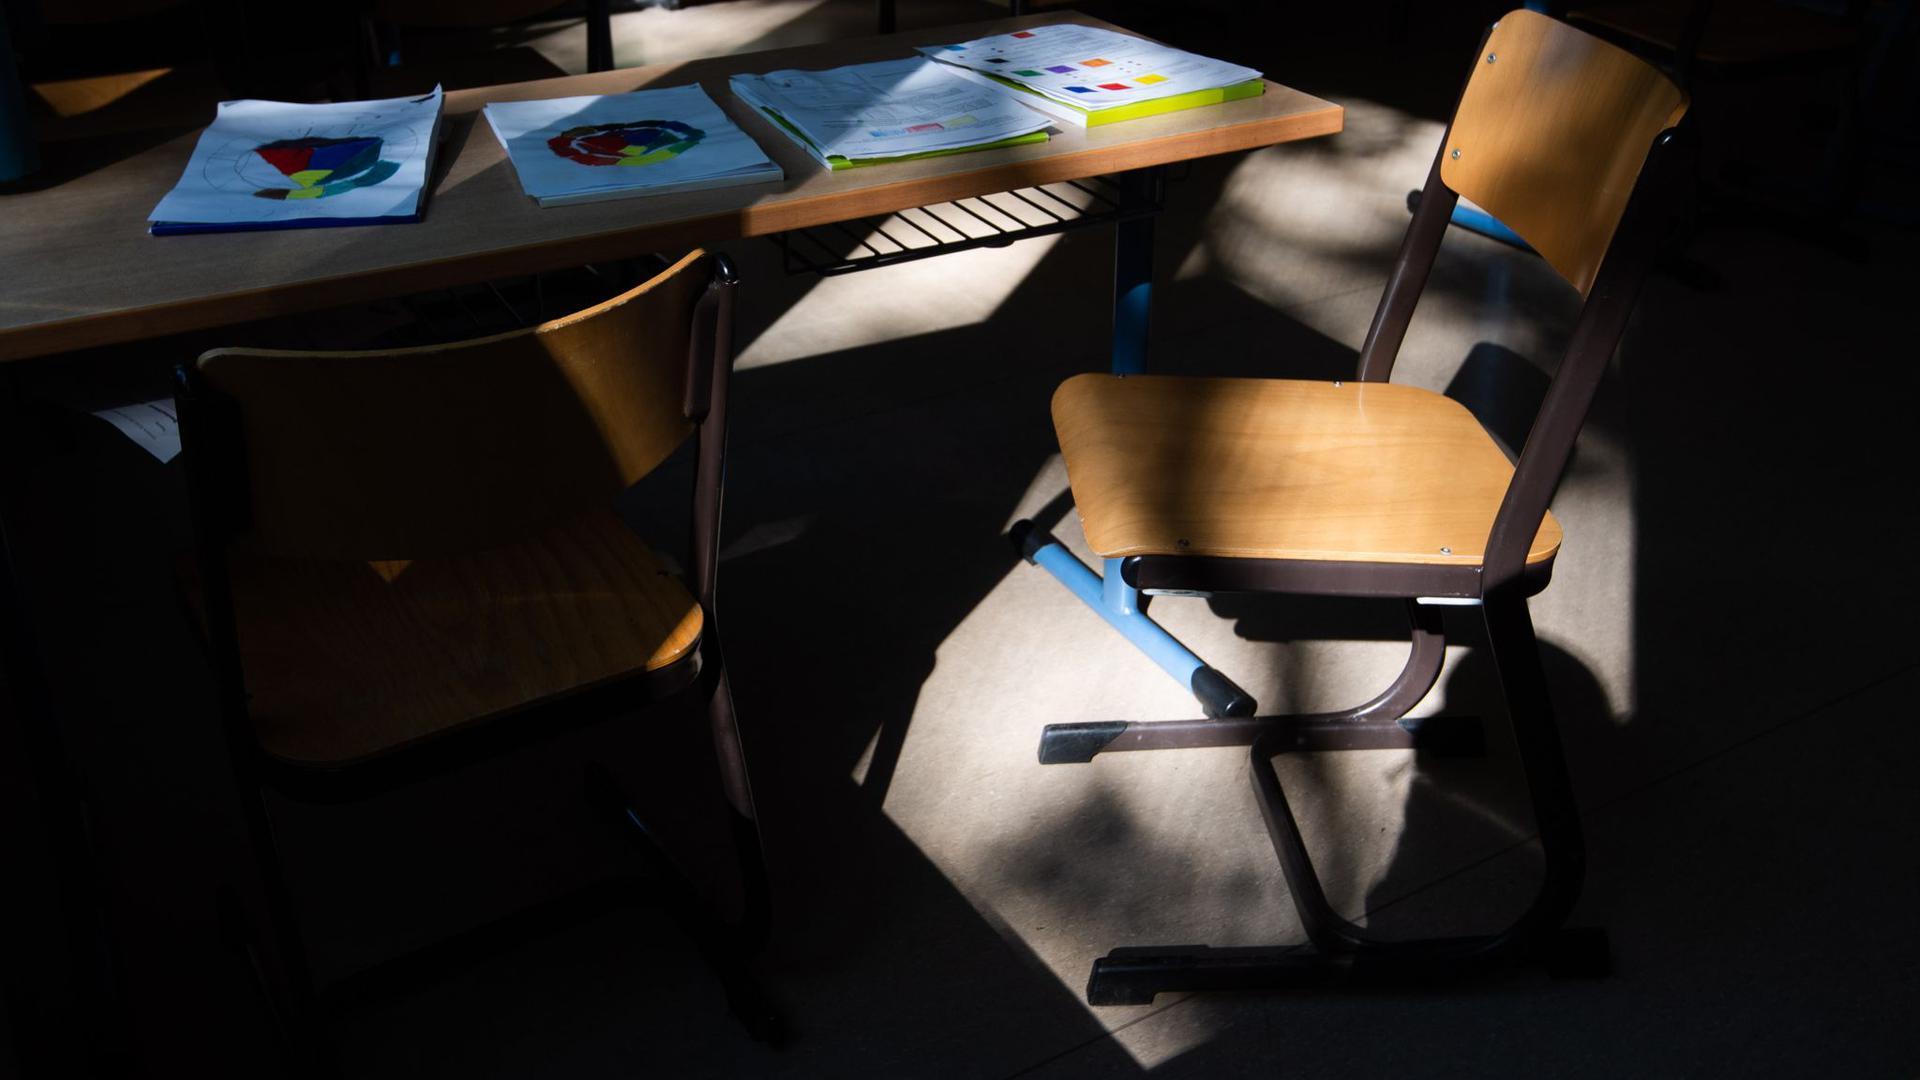 Ein Stuhl steht in einem leeren Klassenraum auf einem Tisch.